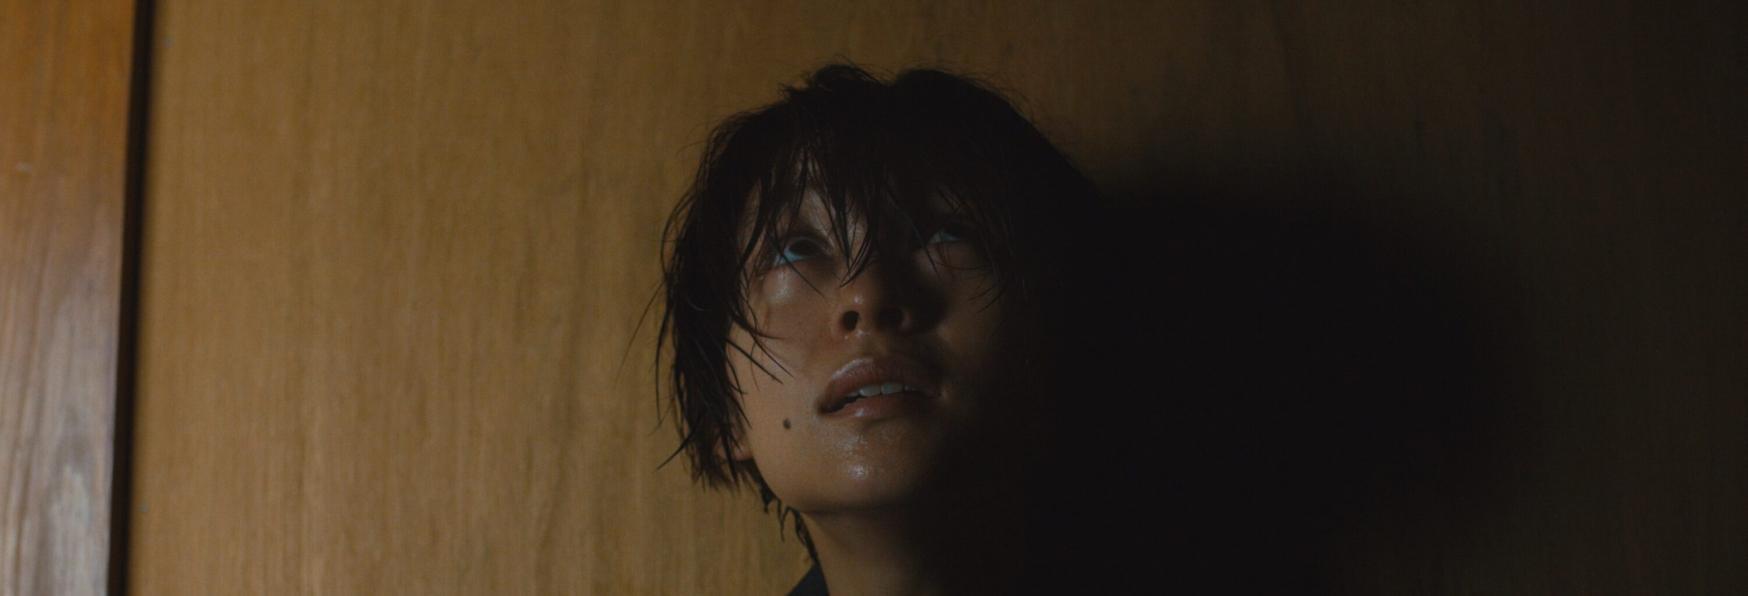 JU-ON: Origins - Trama, Cast, Data e altre Informazioni Note sulla nuova Serie TV Netflix